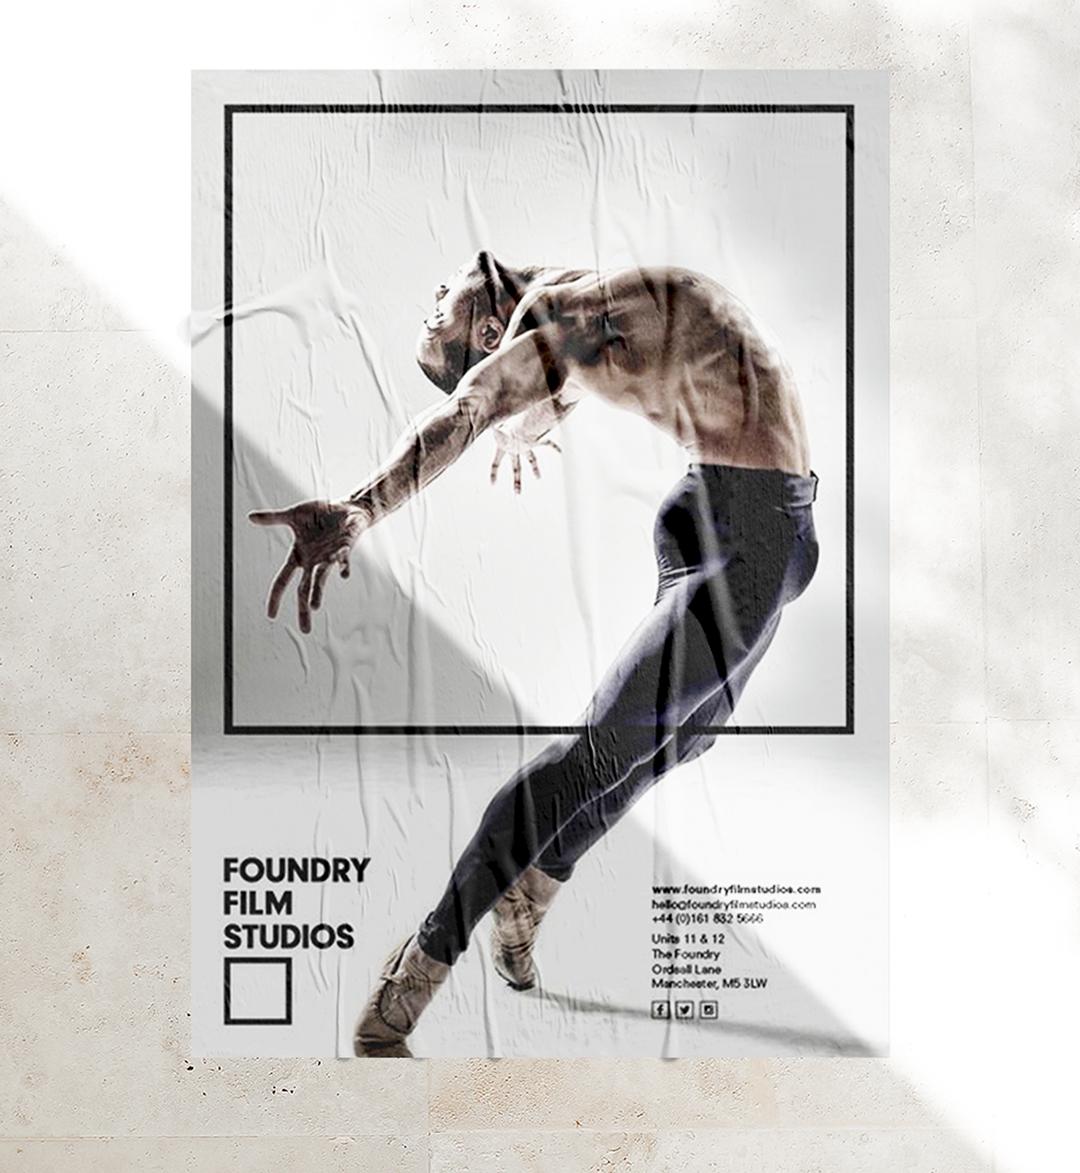 FoundryFilmStudios-Website07